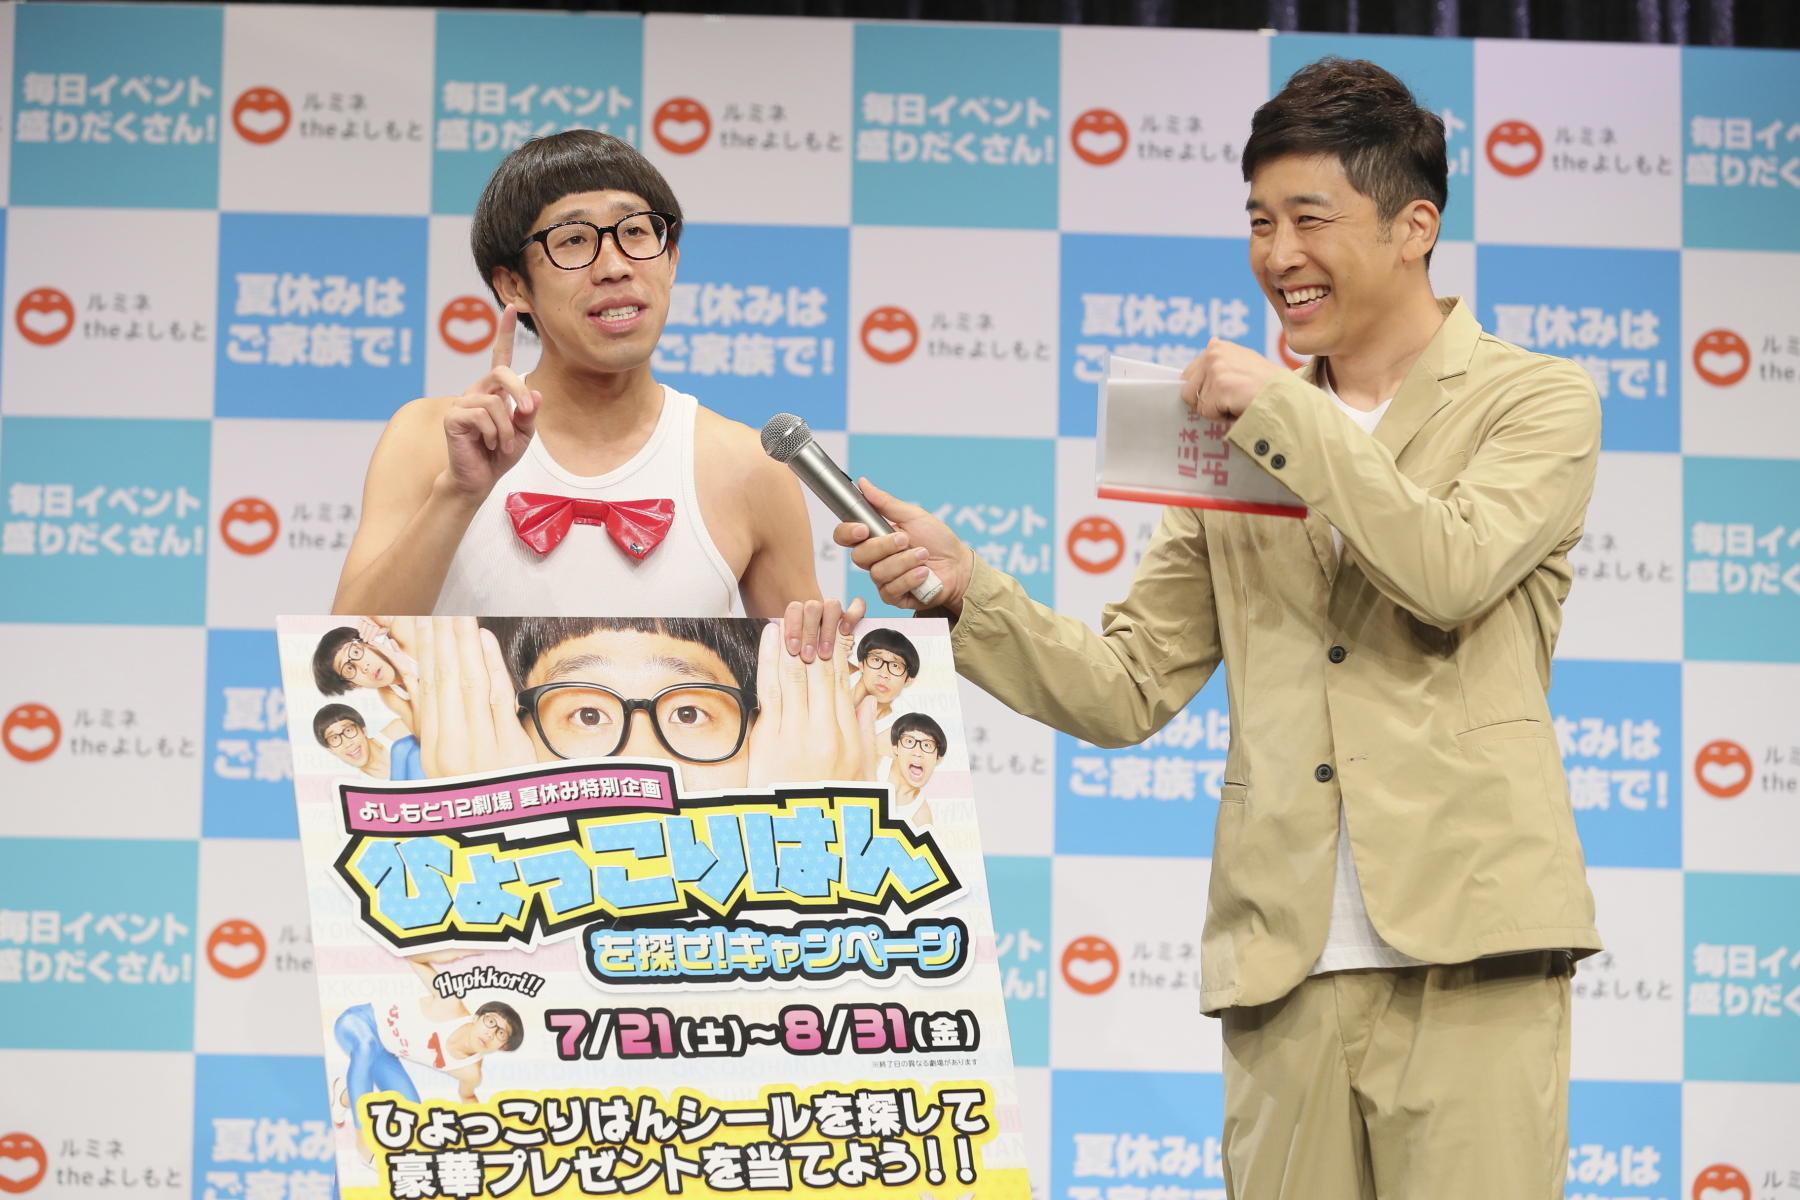 http://news.yoshimoto.co.jp/20180703192435-35cfce56d60c014f63a48460d9ea33ac75c0f220.jpg